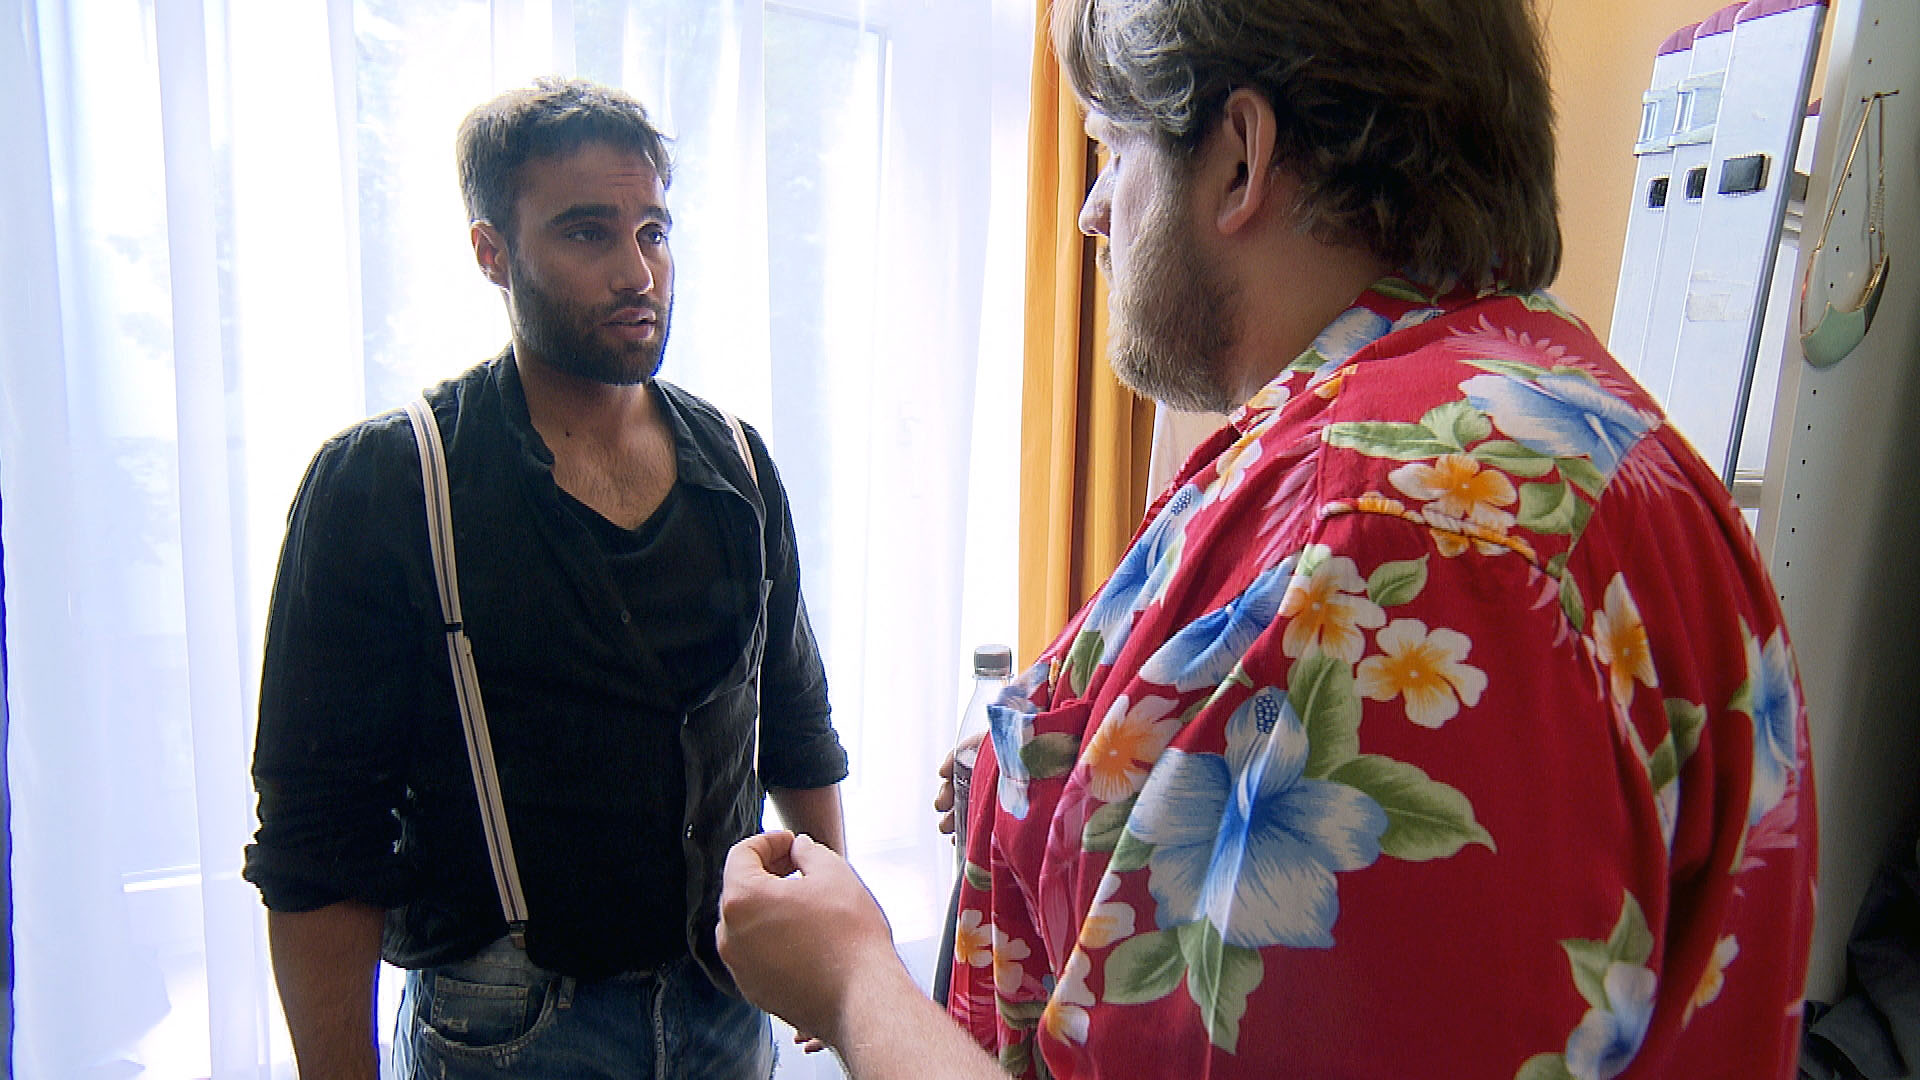 Diego (li.) ist überzeugt davon, dass Holly es nicht ehrlich mit Jan (re.) meint. (Quelle: RTL 2)